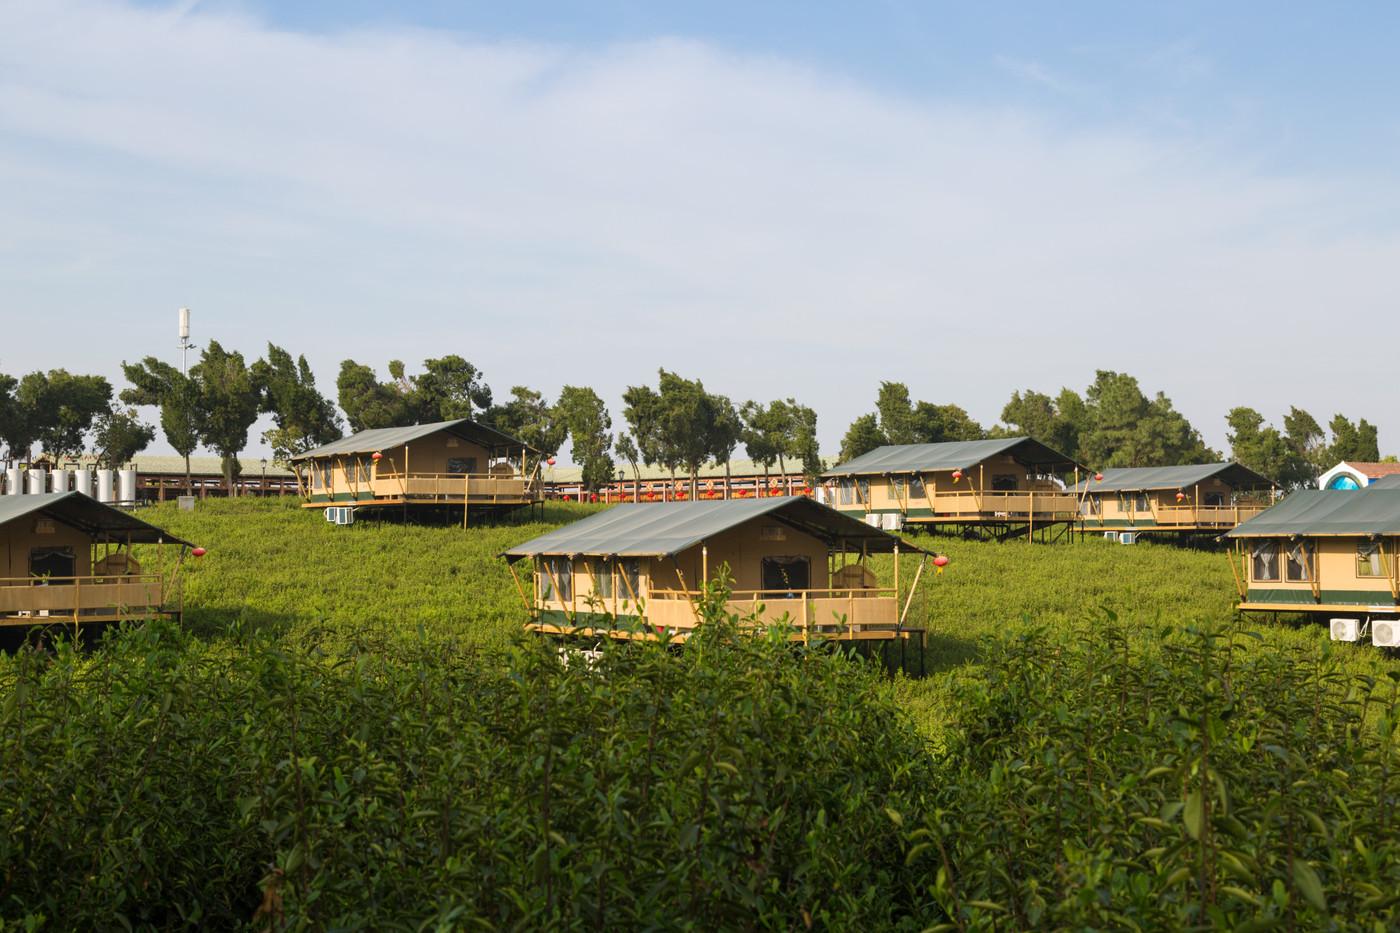 喜马拉雅野奢帐篷酒店—江苏茅山宝盛园(二期)5